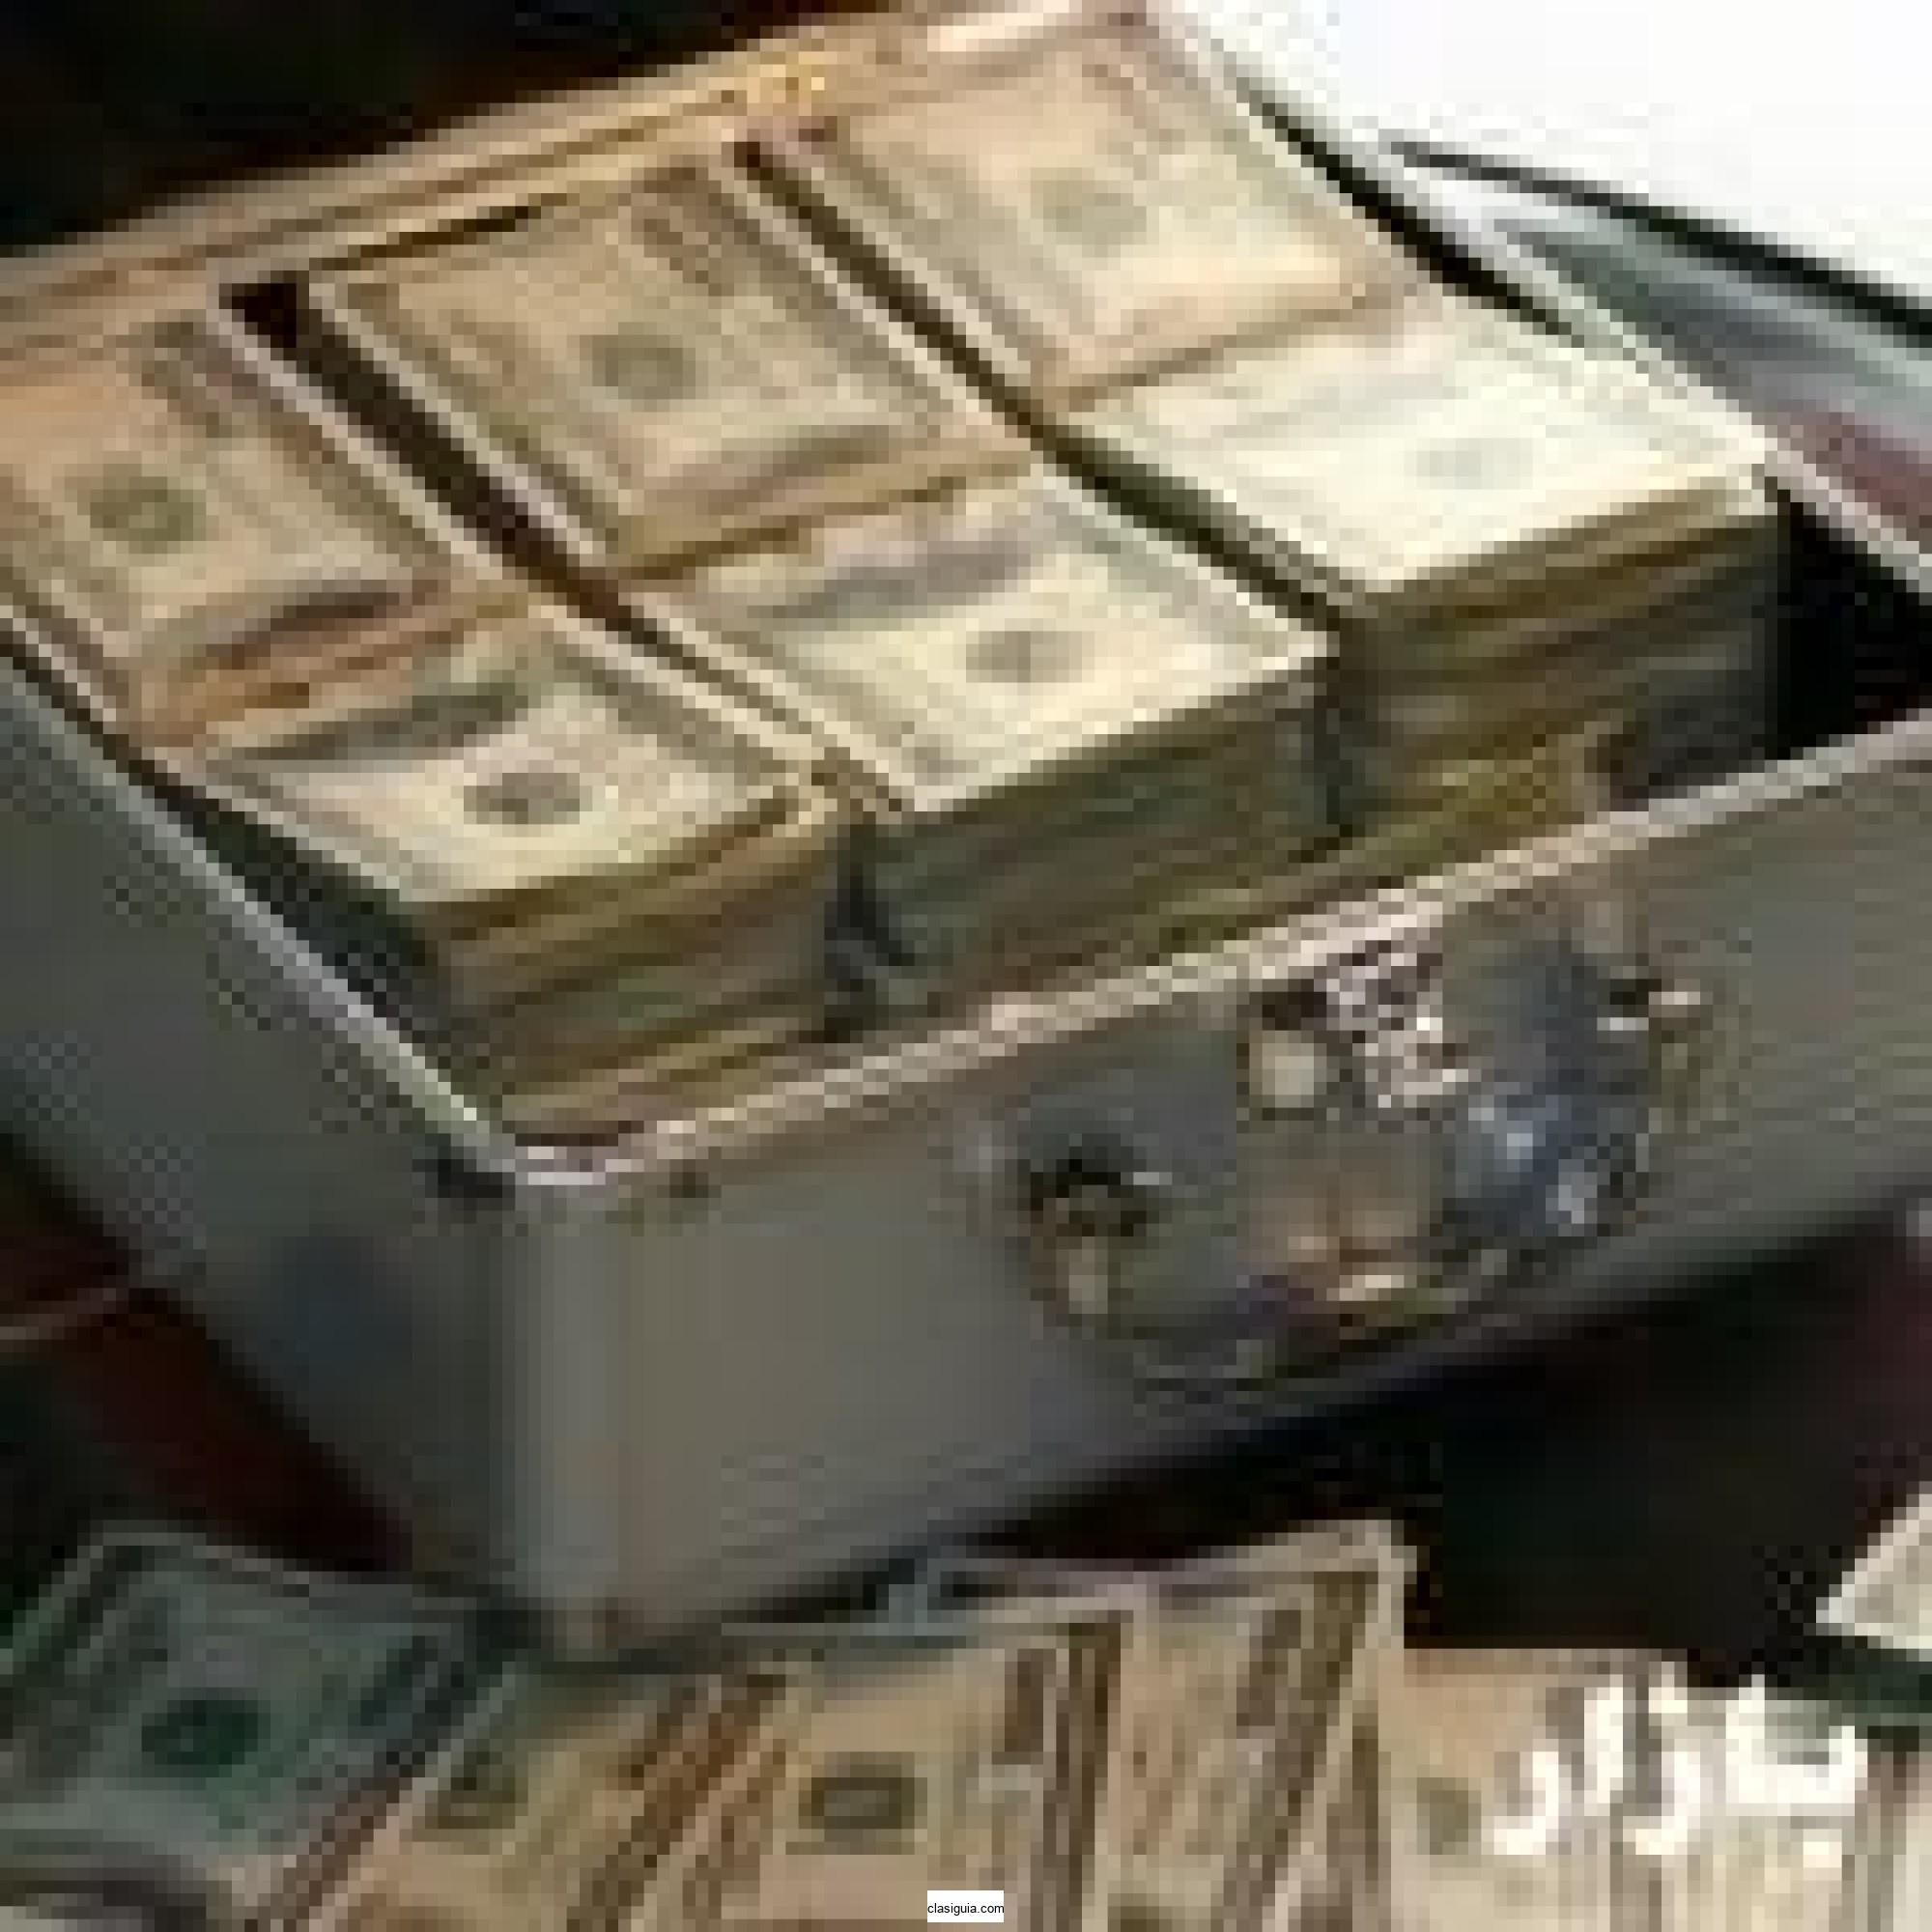 Préstamo de dinero legal 6000 €